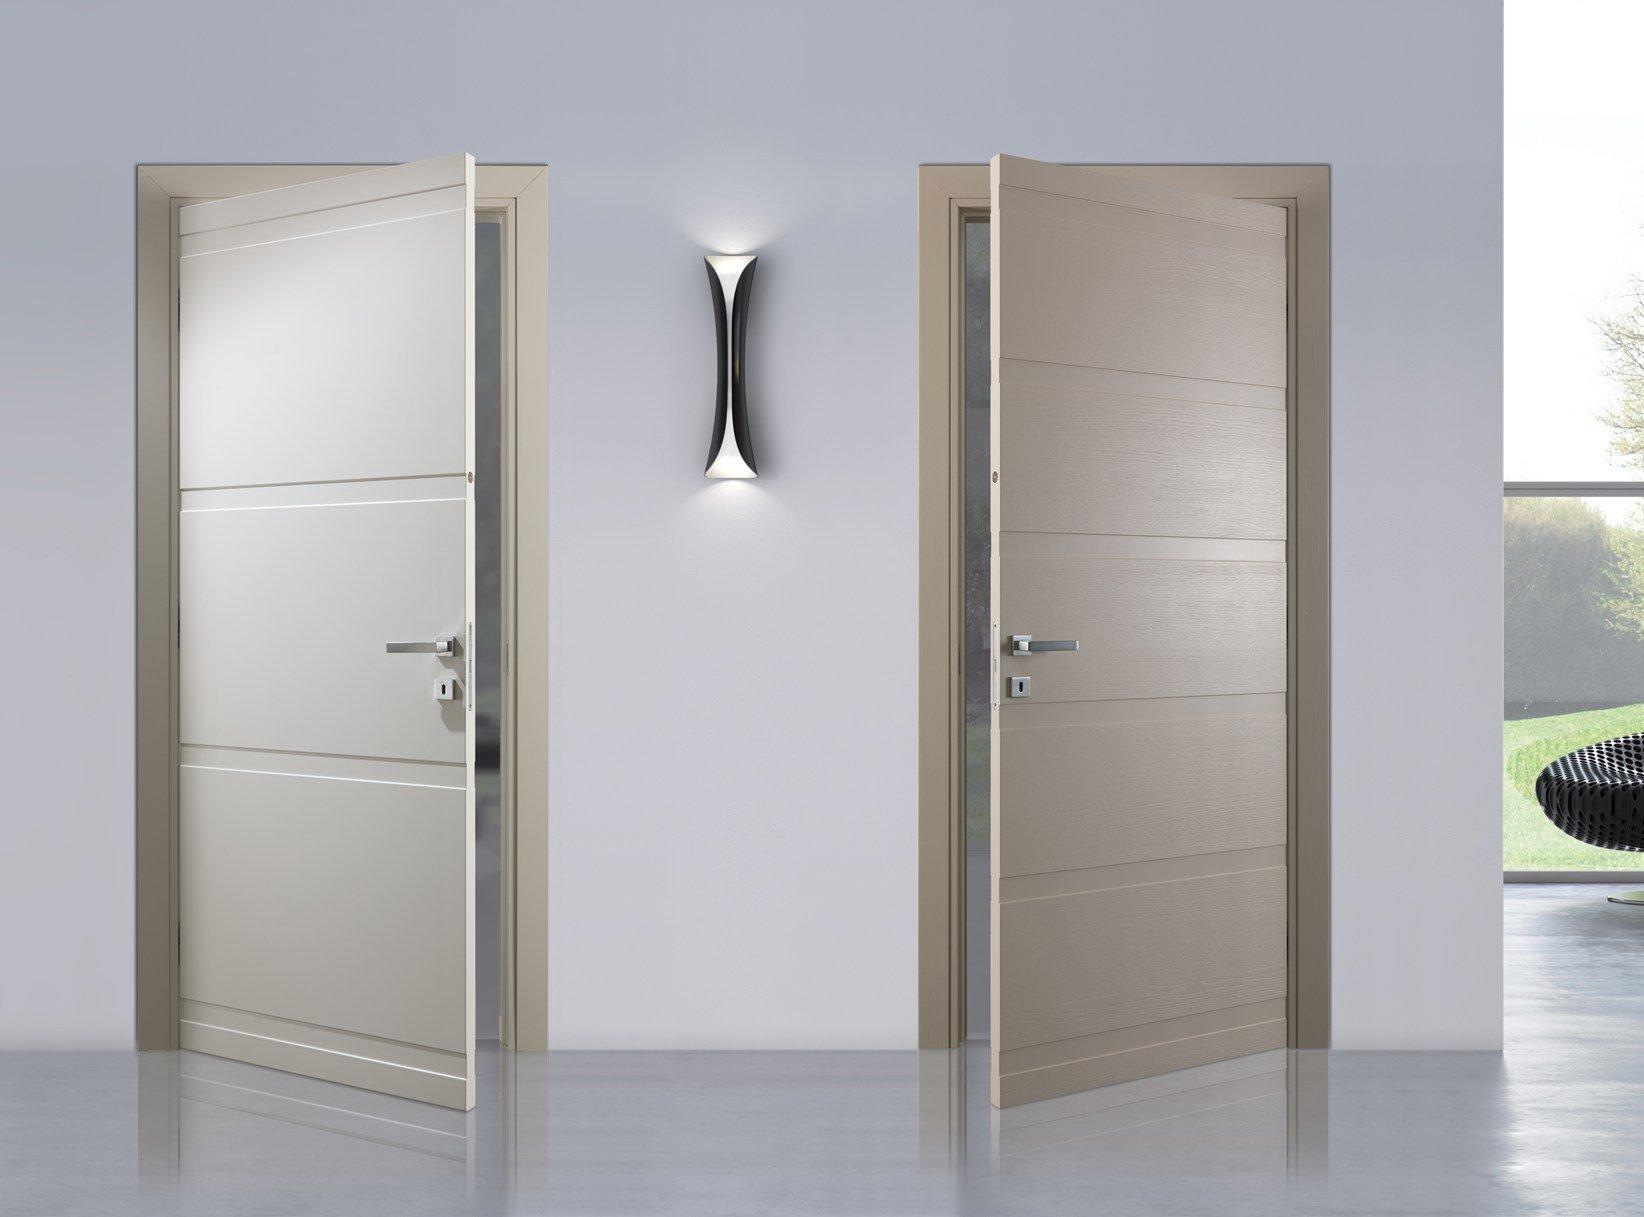 La porta come elemento d 39 arredo per spazi abitativi - Porte interne prezzi ikea ...